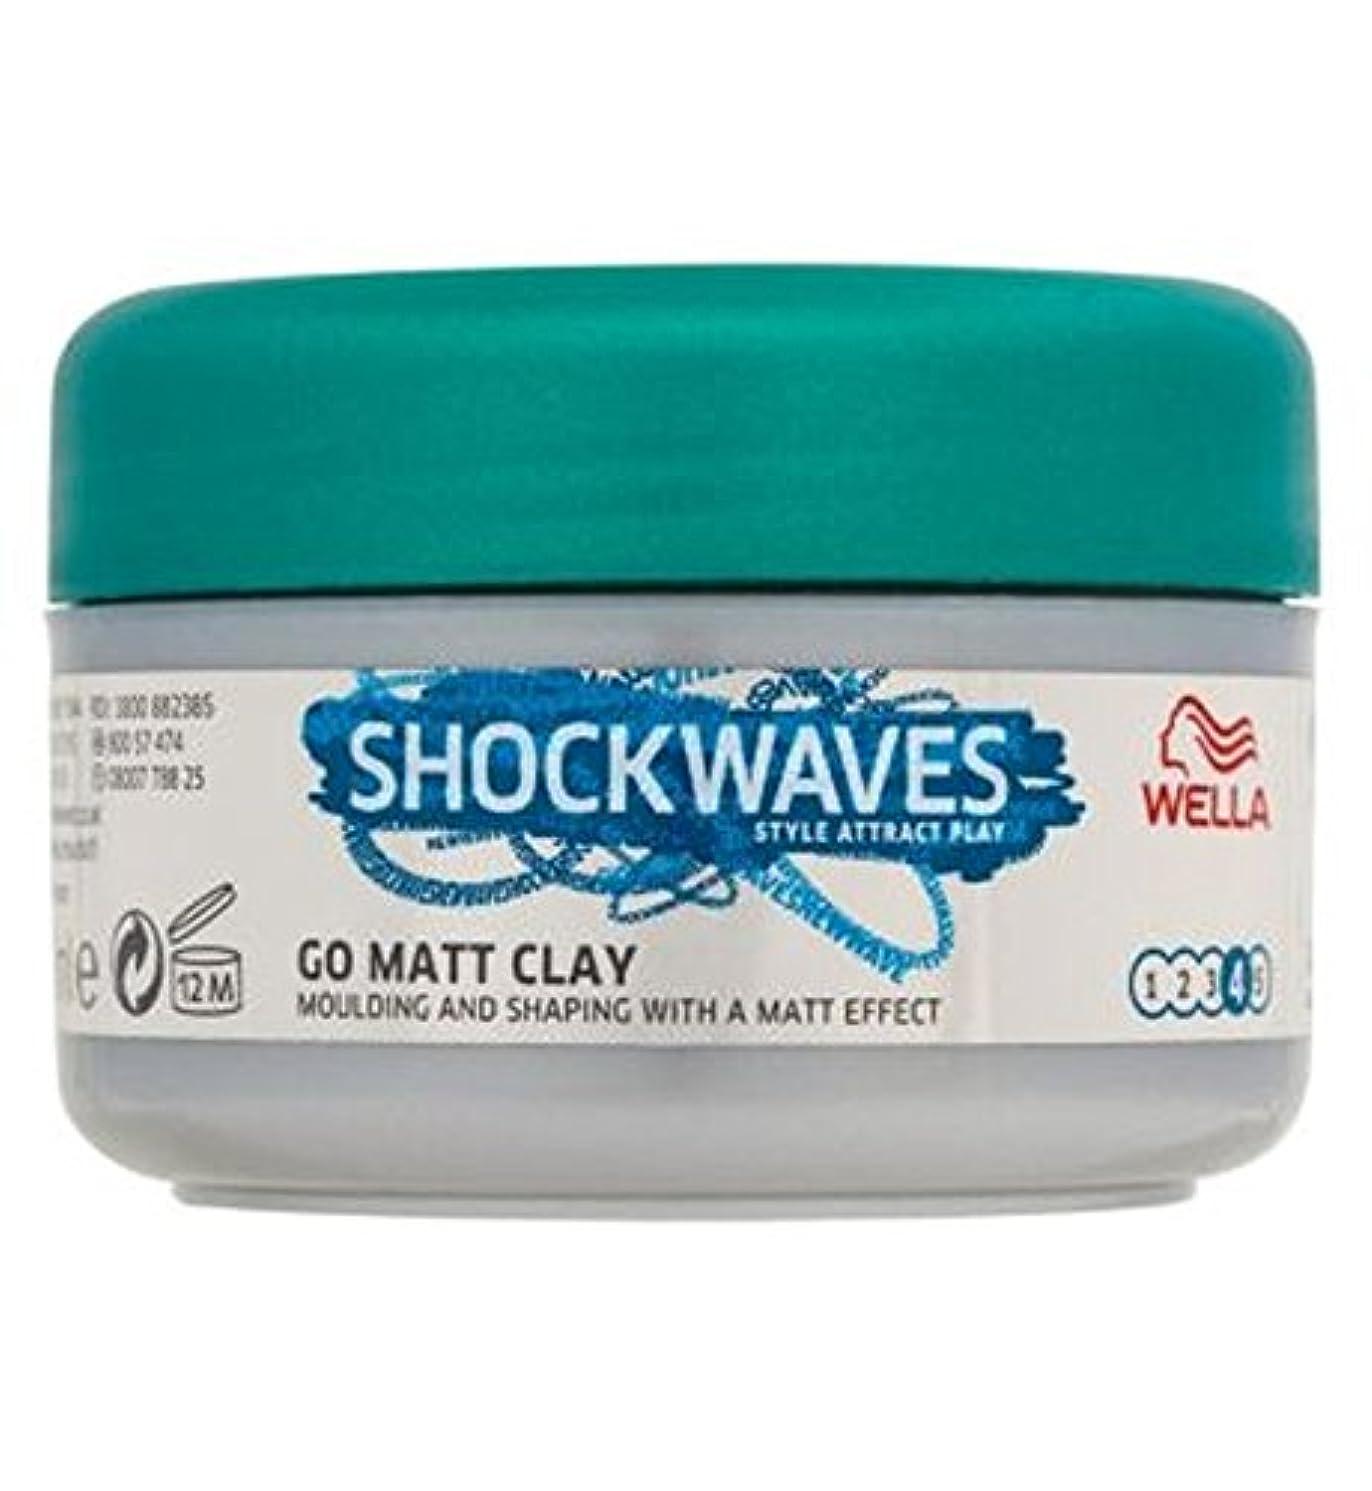 メルボルンテナントわずかにウエラの衝撃波の外向性はマット粘土75ミリリットルを行きます (Wella Shockwaves) (x2) - Wella Shockwaves Extrovert Go Matt Clay 75ml (Pack of...